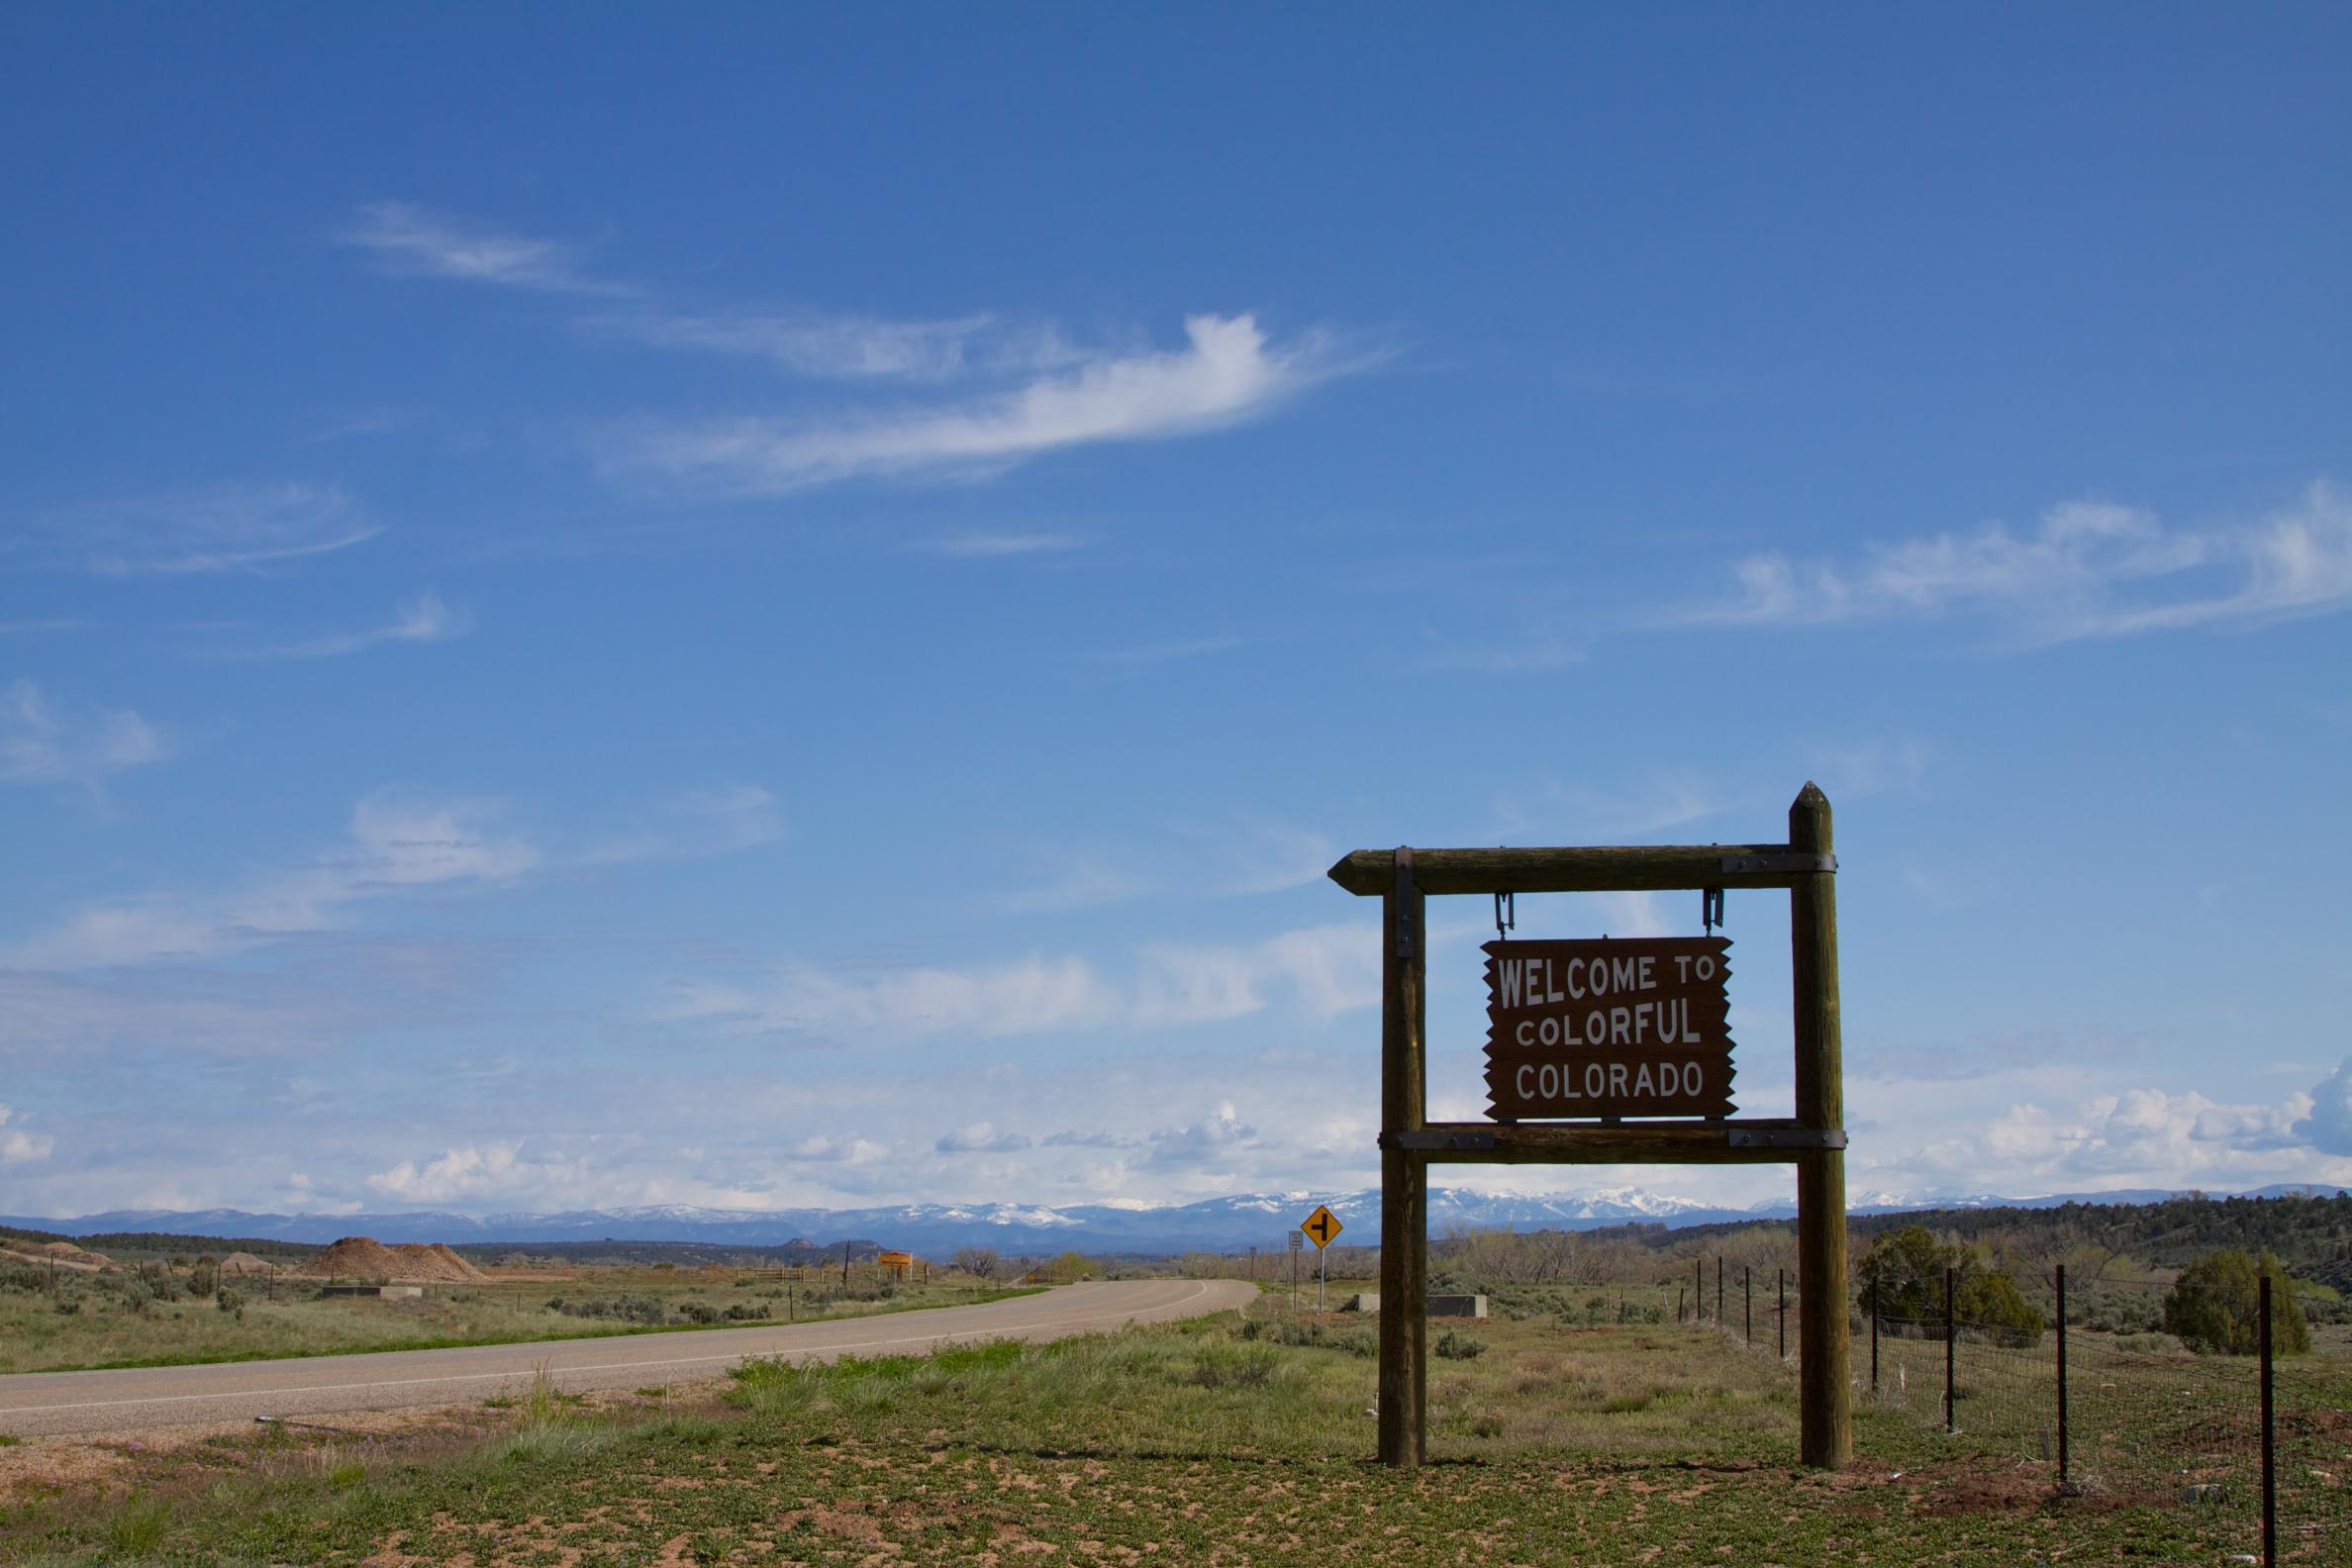 Colo. 172, La Plata County